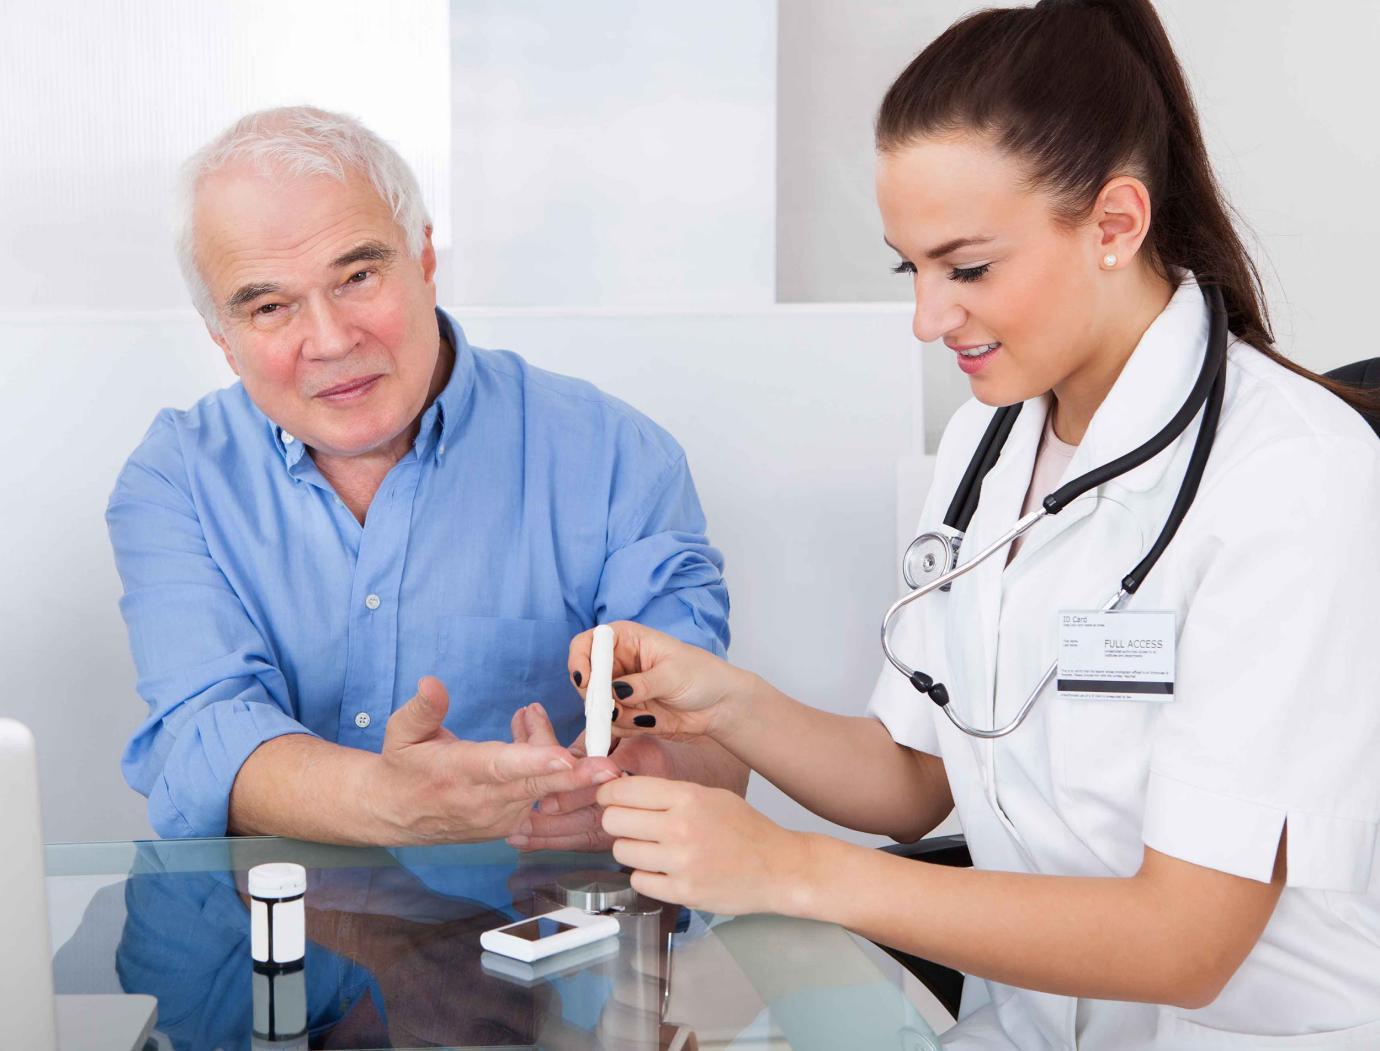 Triệu chứng đái tháo đường: Nguyên nhân, biểu hiện và cách phòng tránh  - Ảnh 2